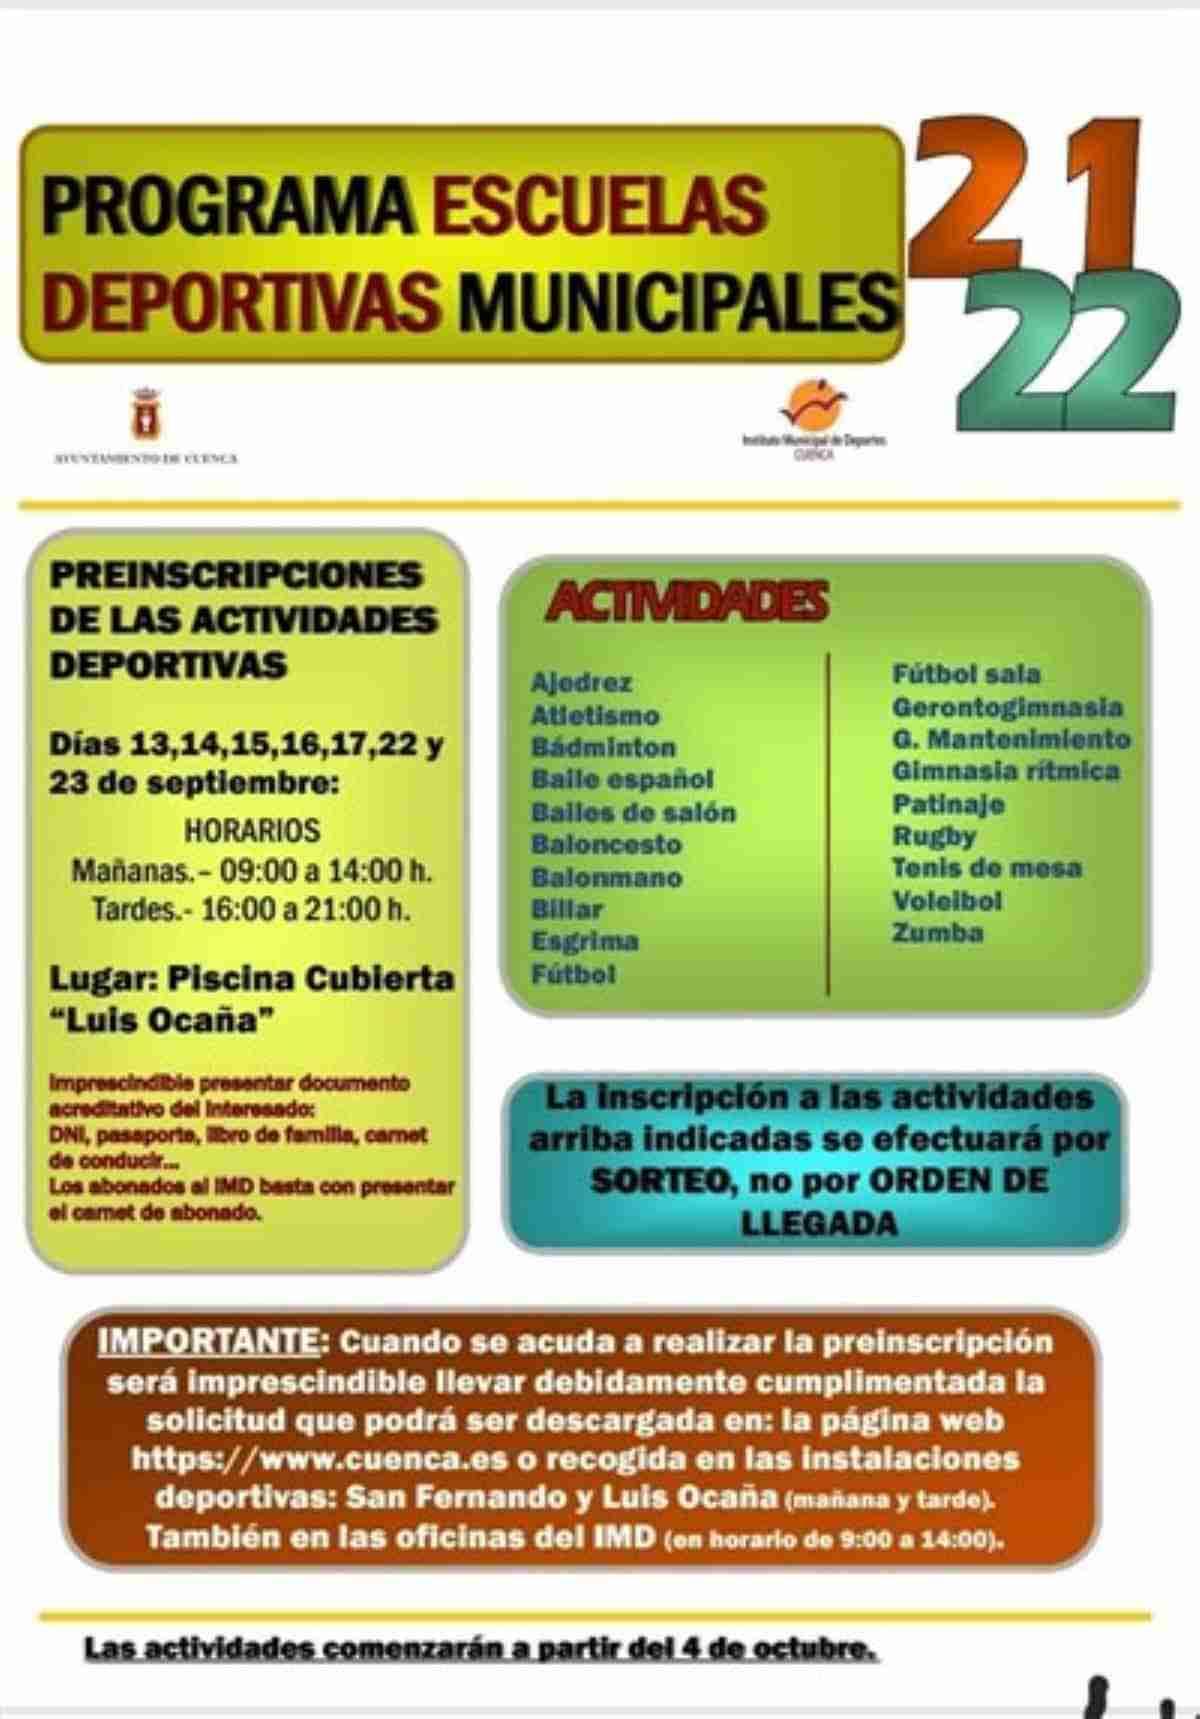 inscripcion escuelas deportivas municipales de cuenca